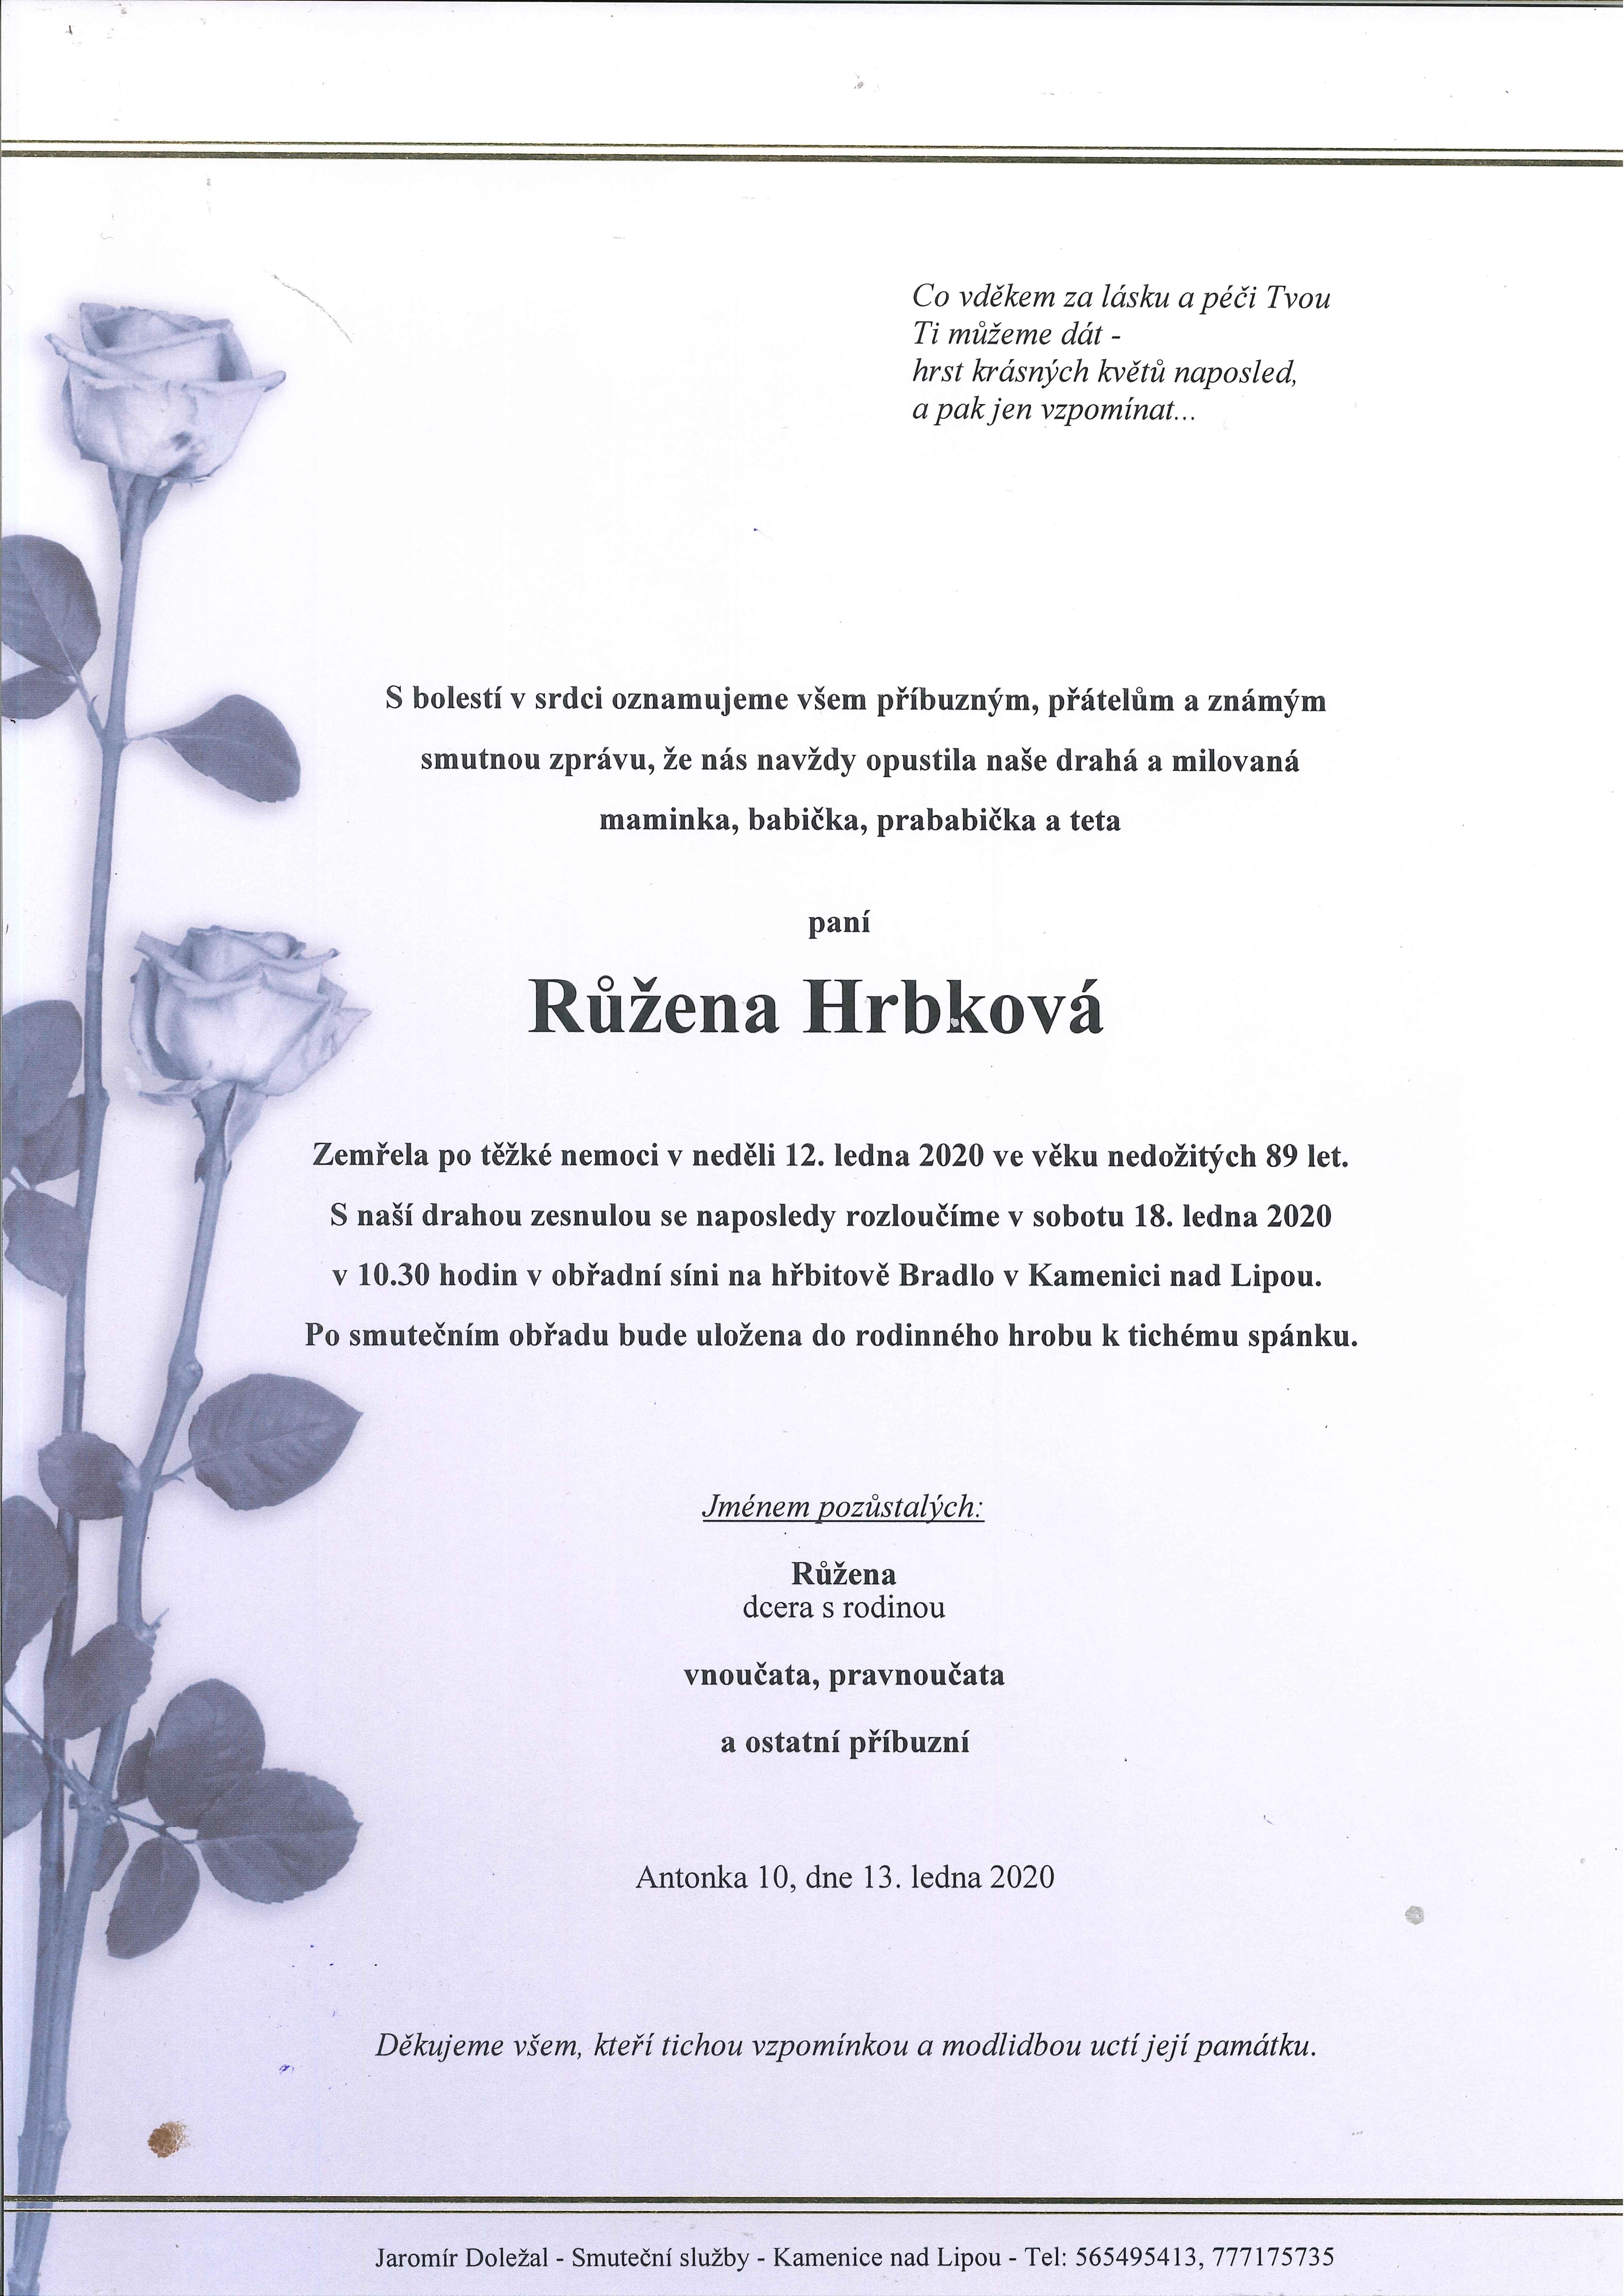 Růžena Hrbková